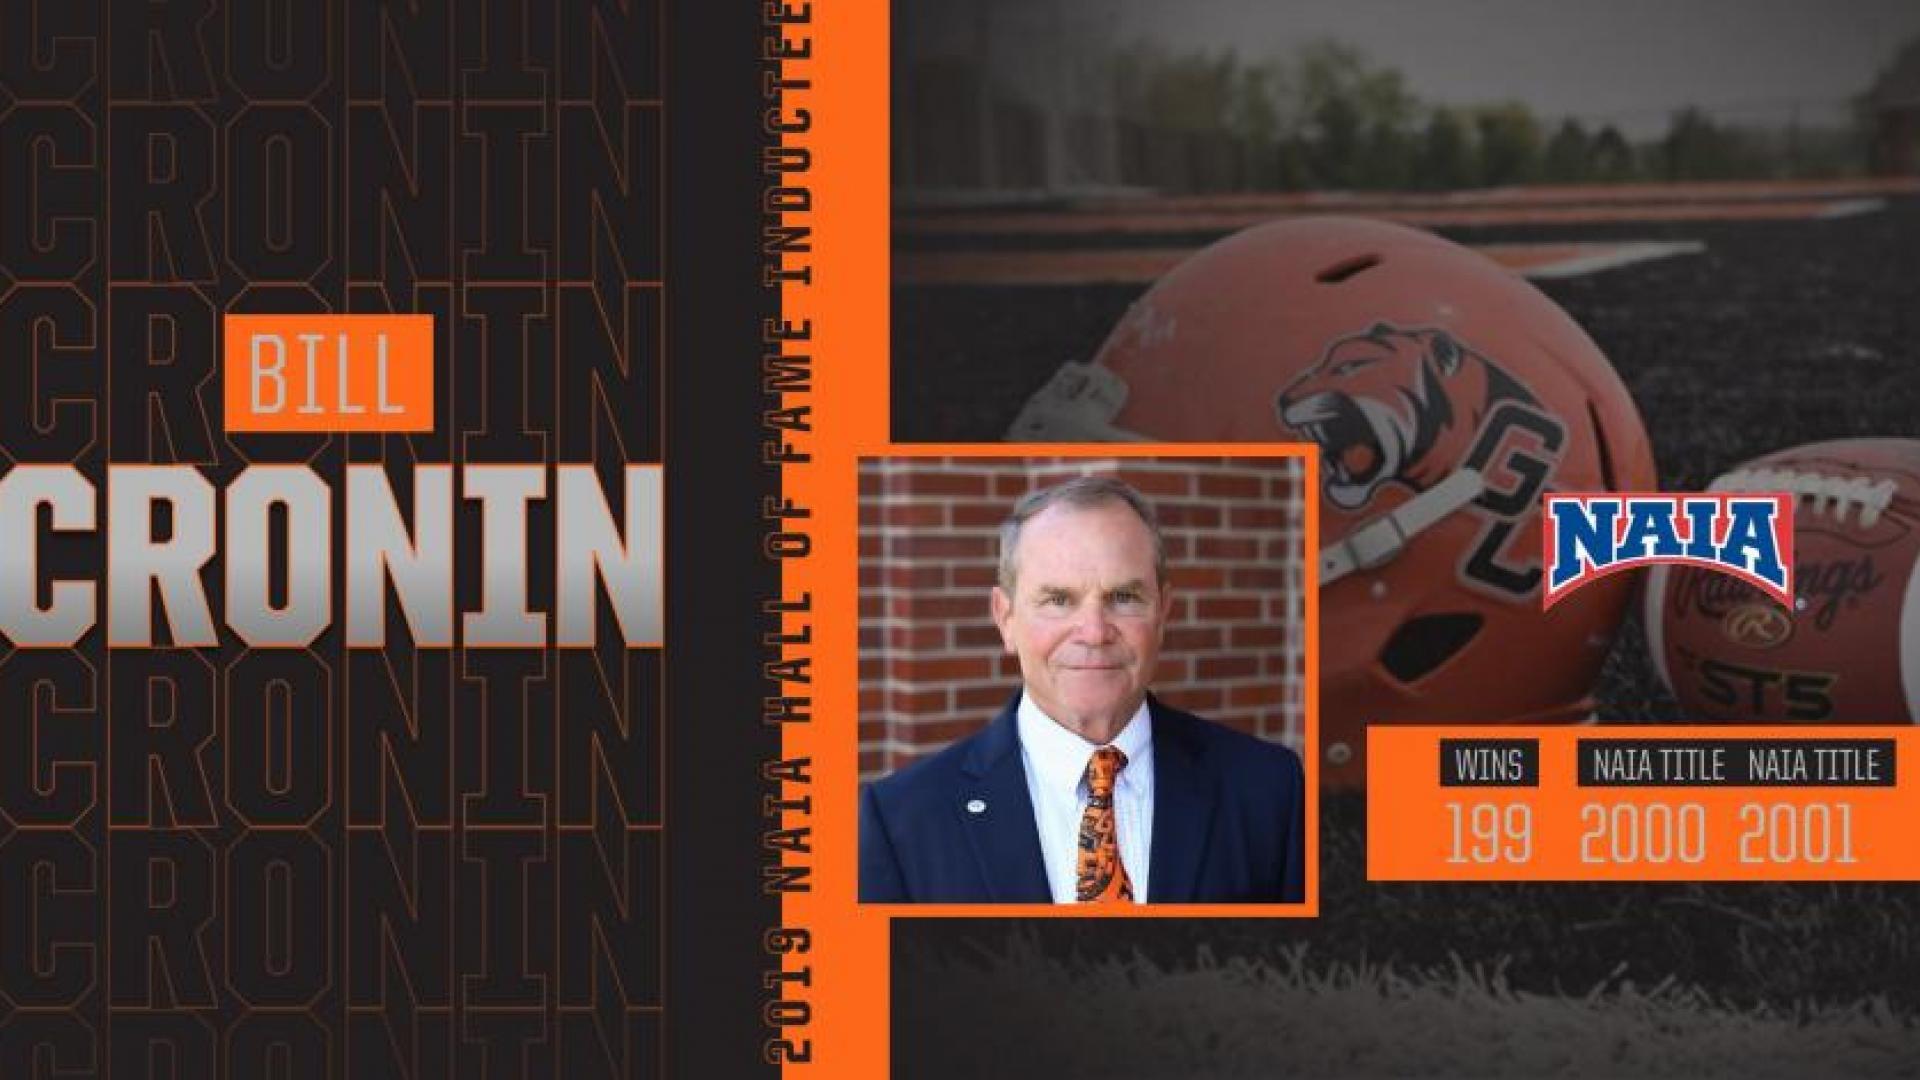 Coach Cronin